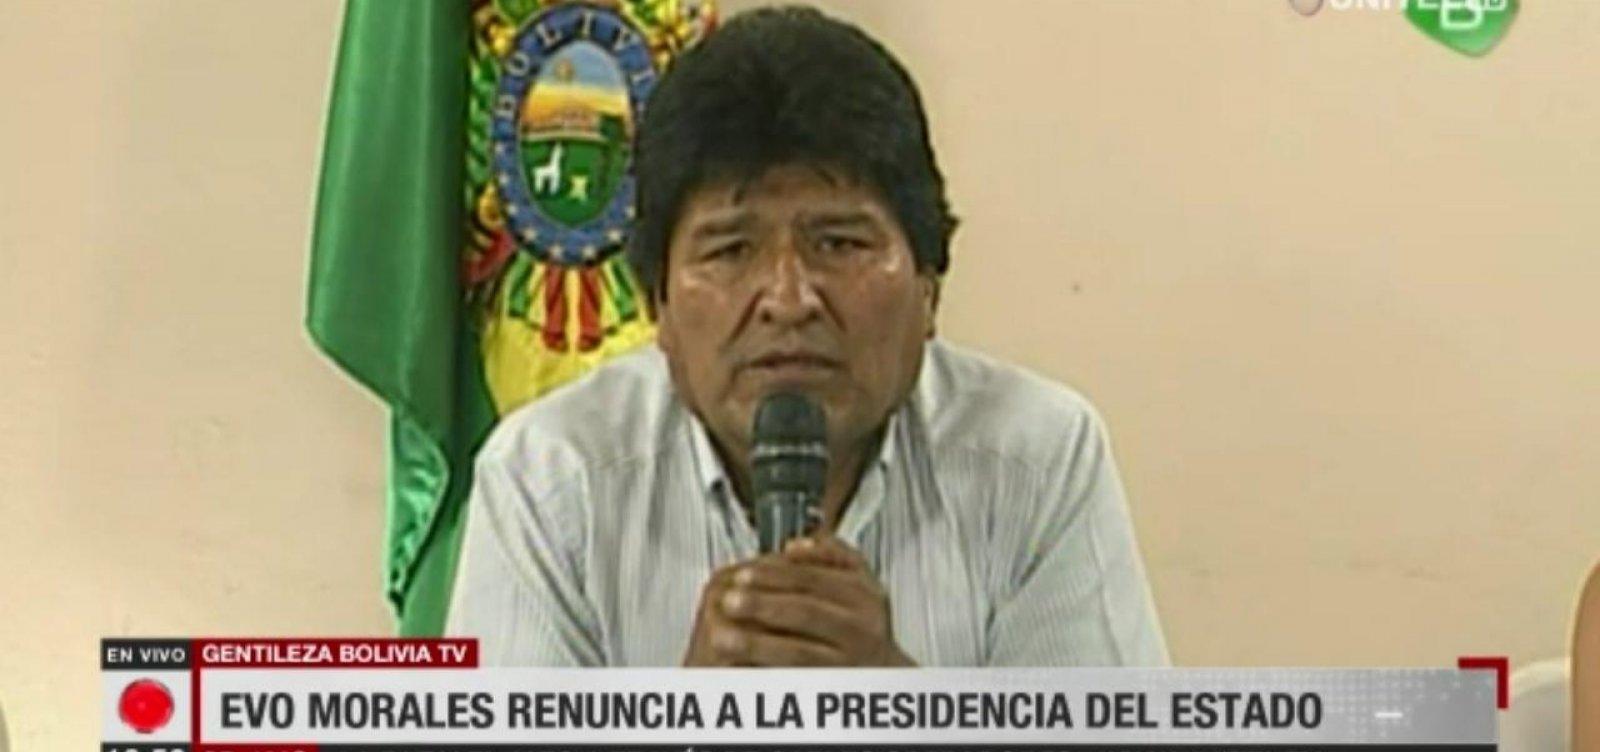 [Evo Morales renuncia à presidência da Bolívia]